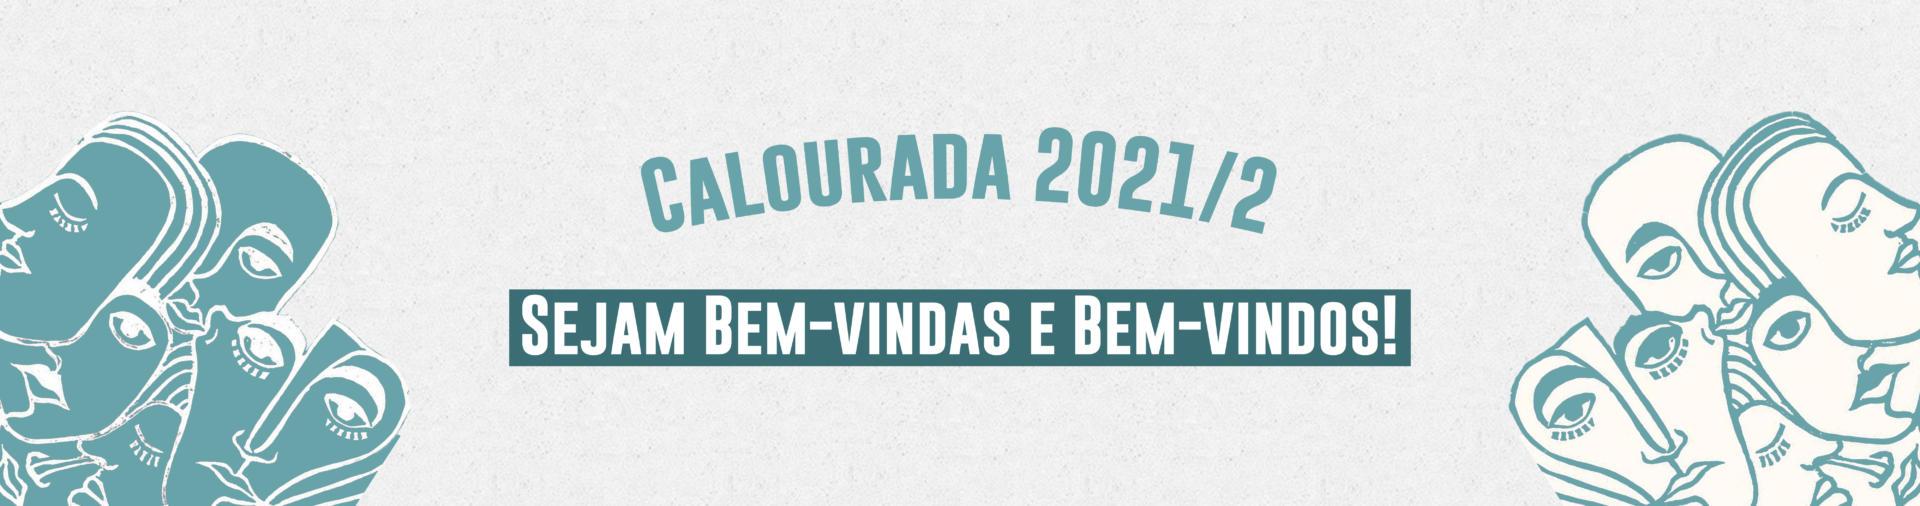 Banner cinza com ilustrações de rostos verdes e texto: Calourada 2021/2 Sejam bem-vindos e bem-vindas